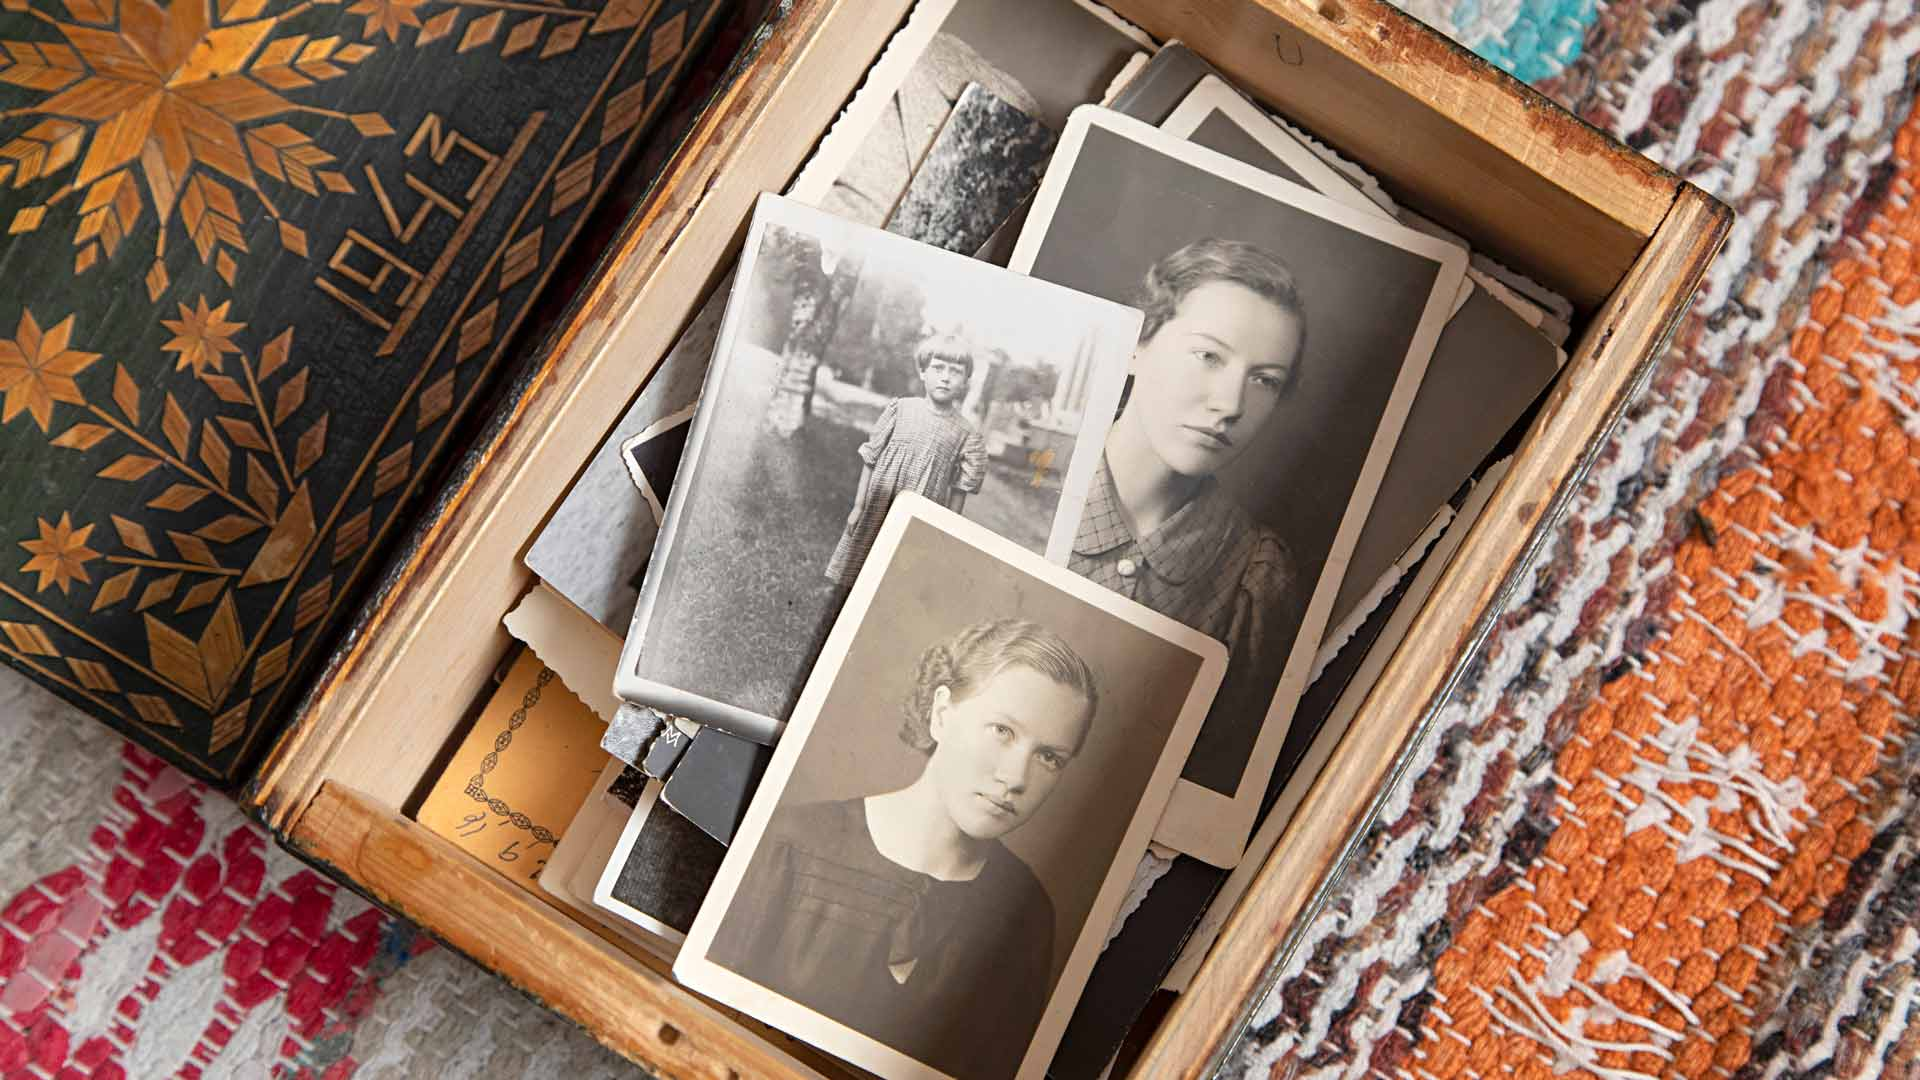 Äidin vanhat valokuvat ovat säilyneet venäläisen sotavangin valmistamassa puurasiassa.